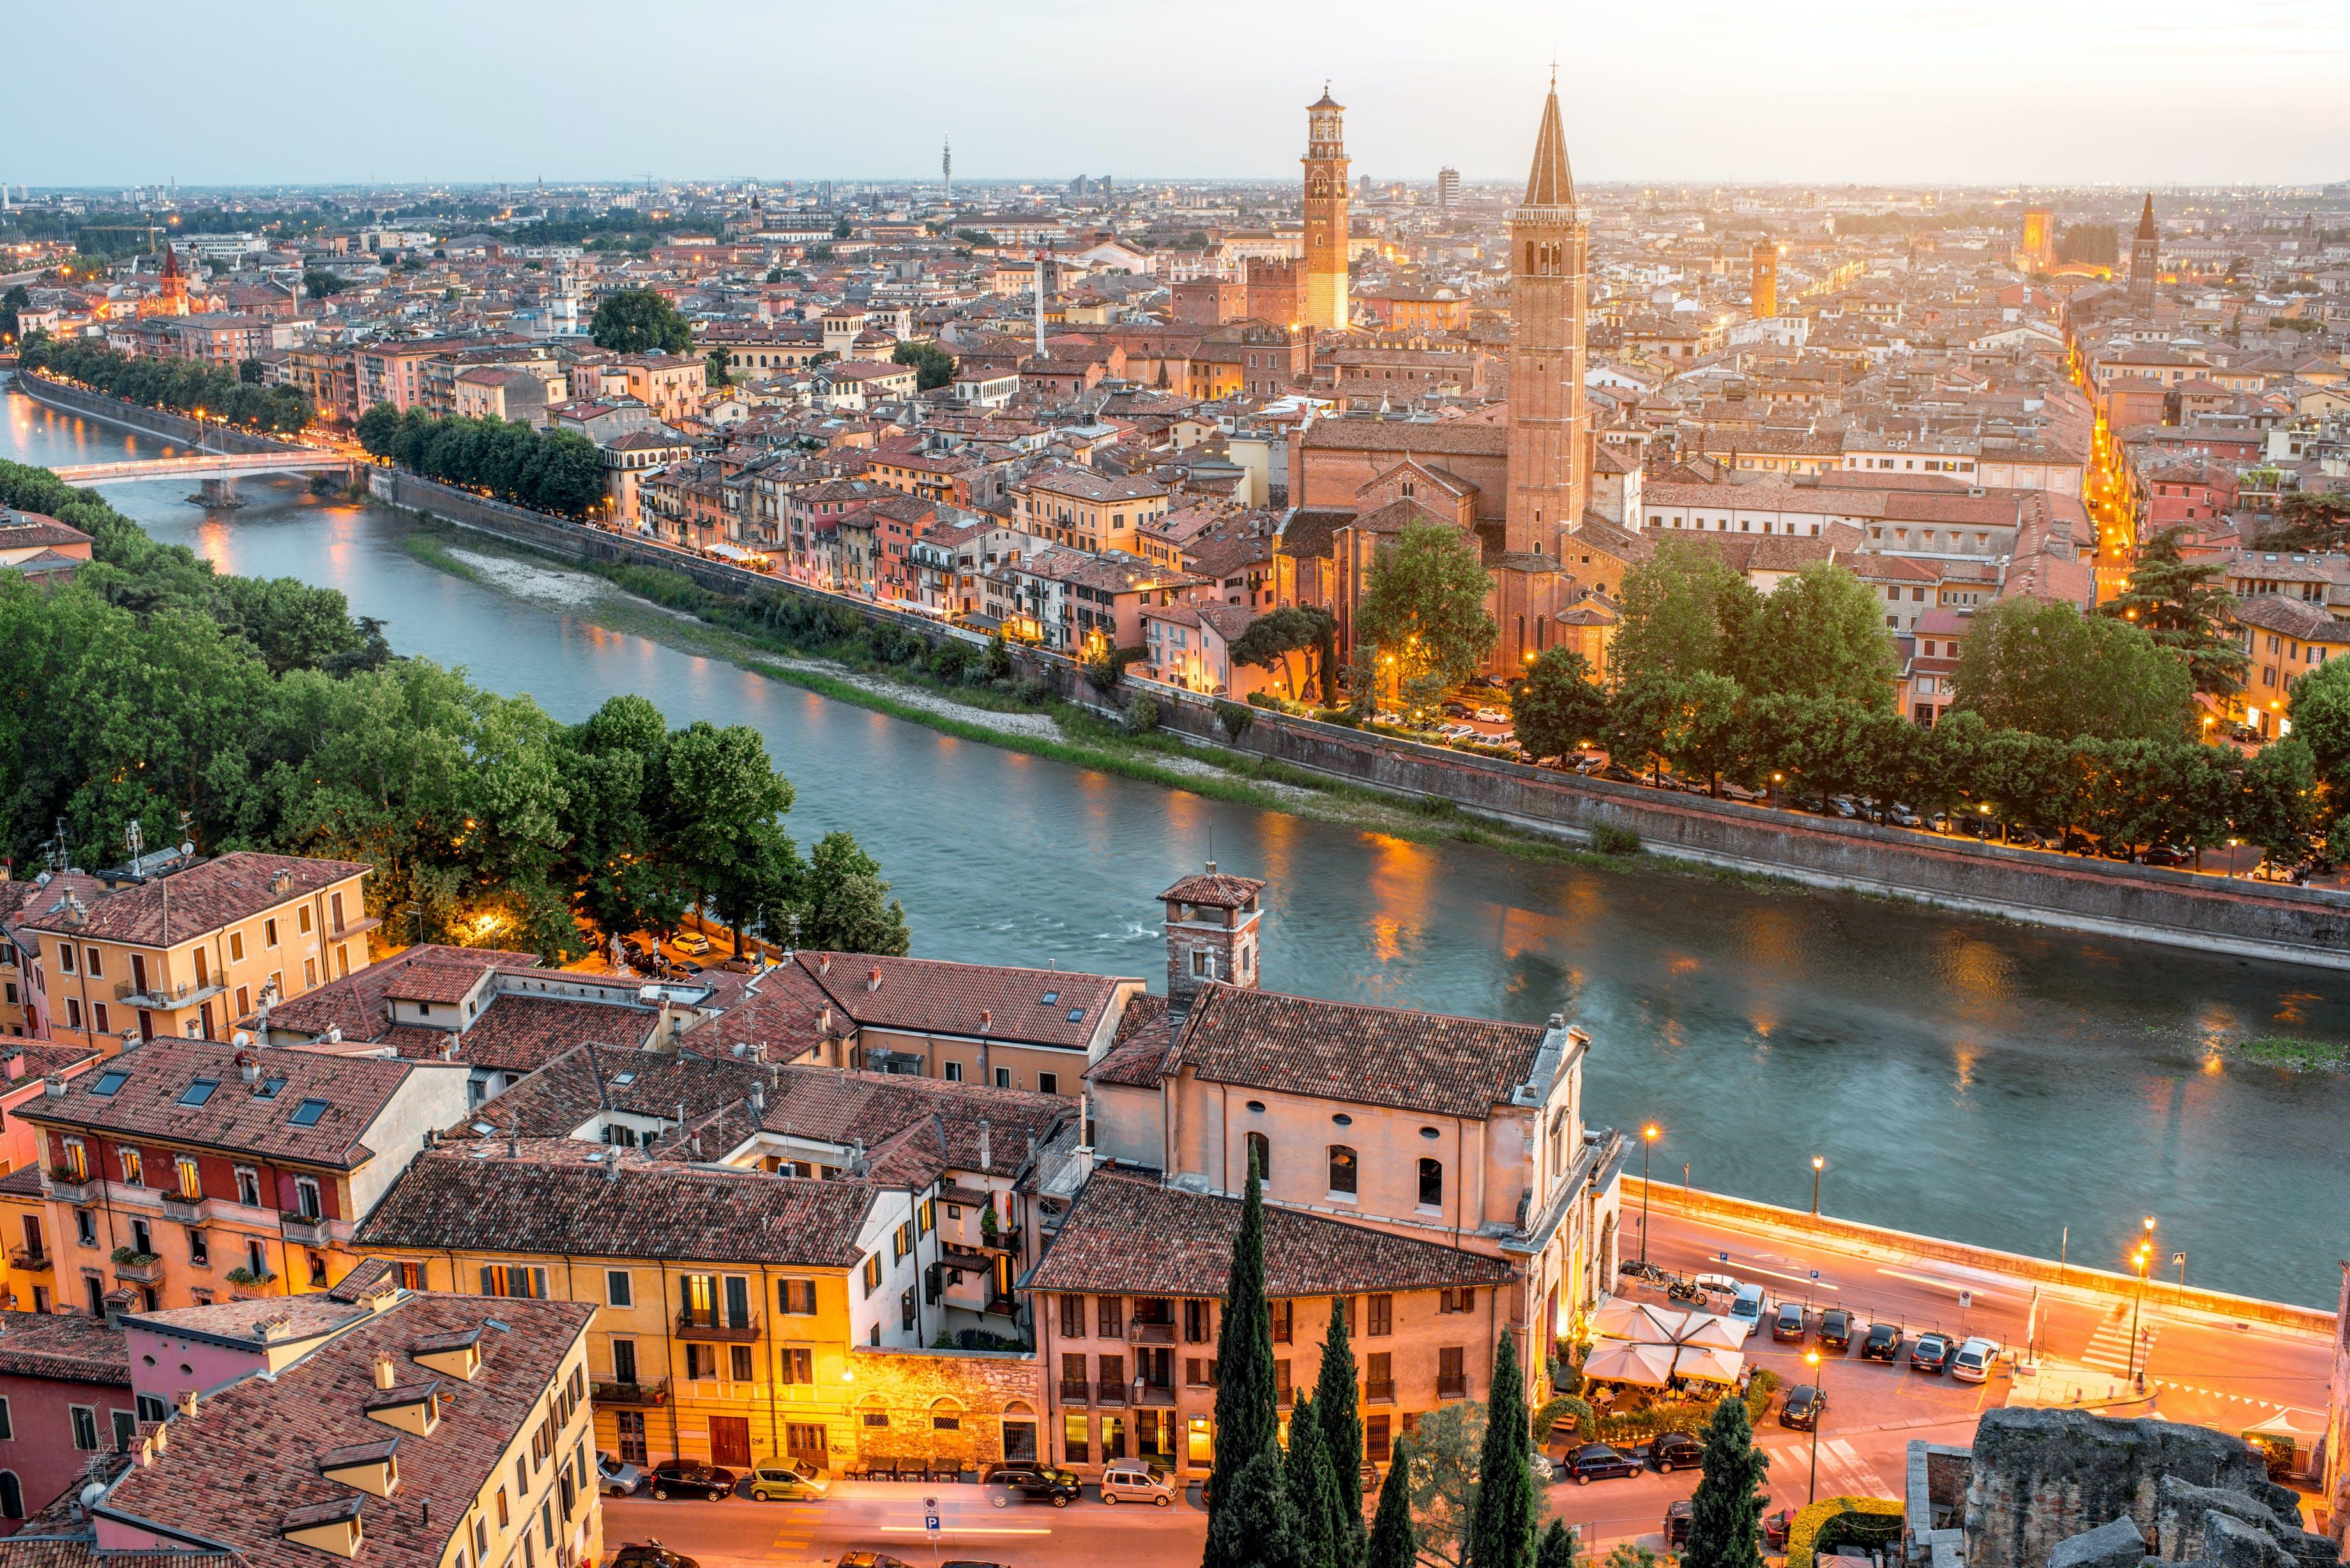 Ver la ciudad,Tours andando,Tour por Verona